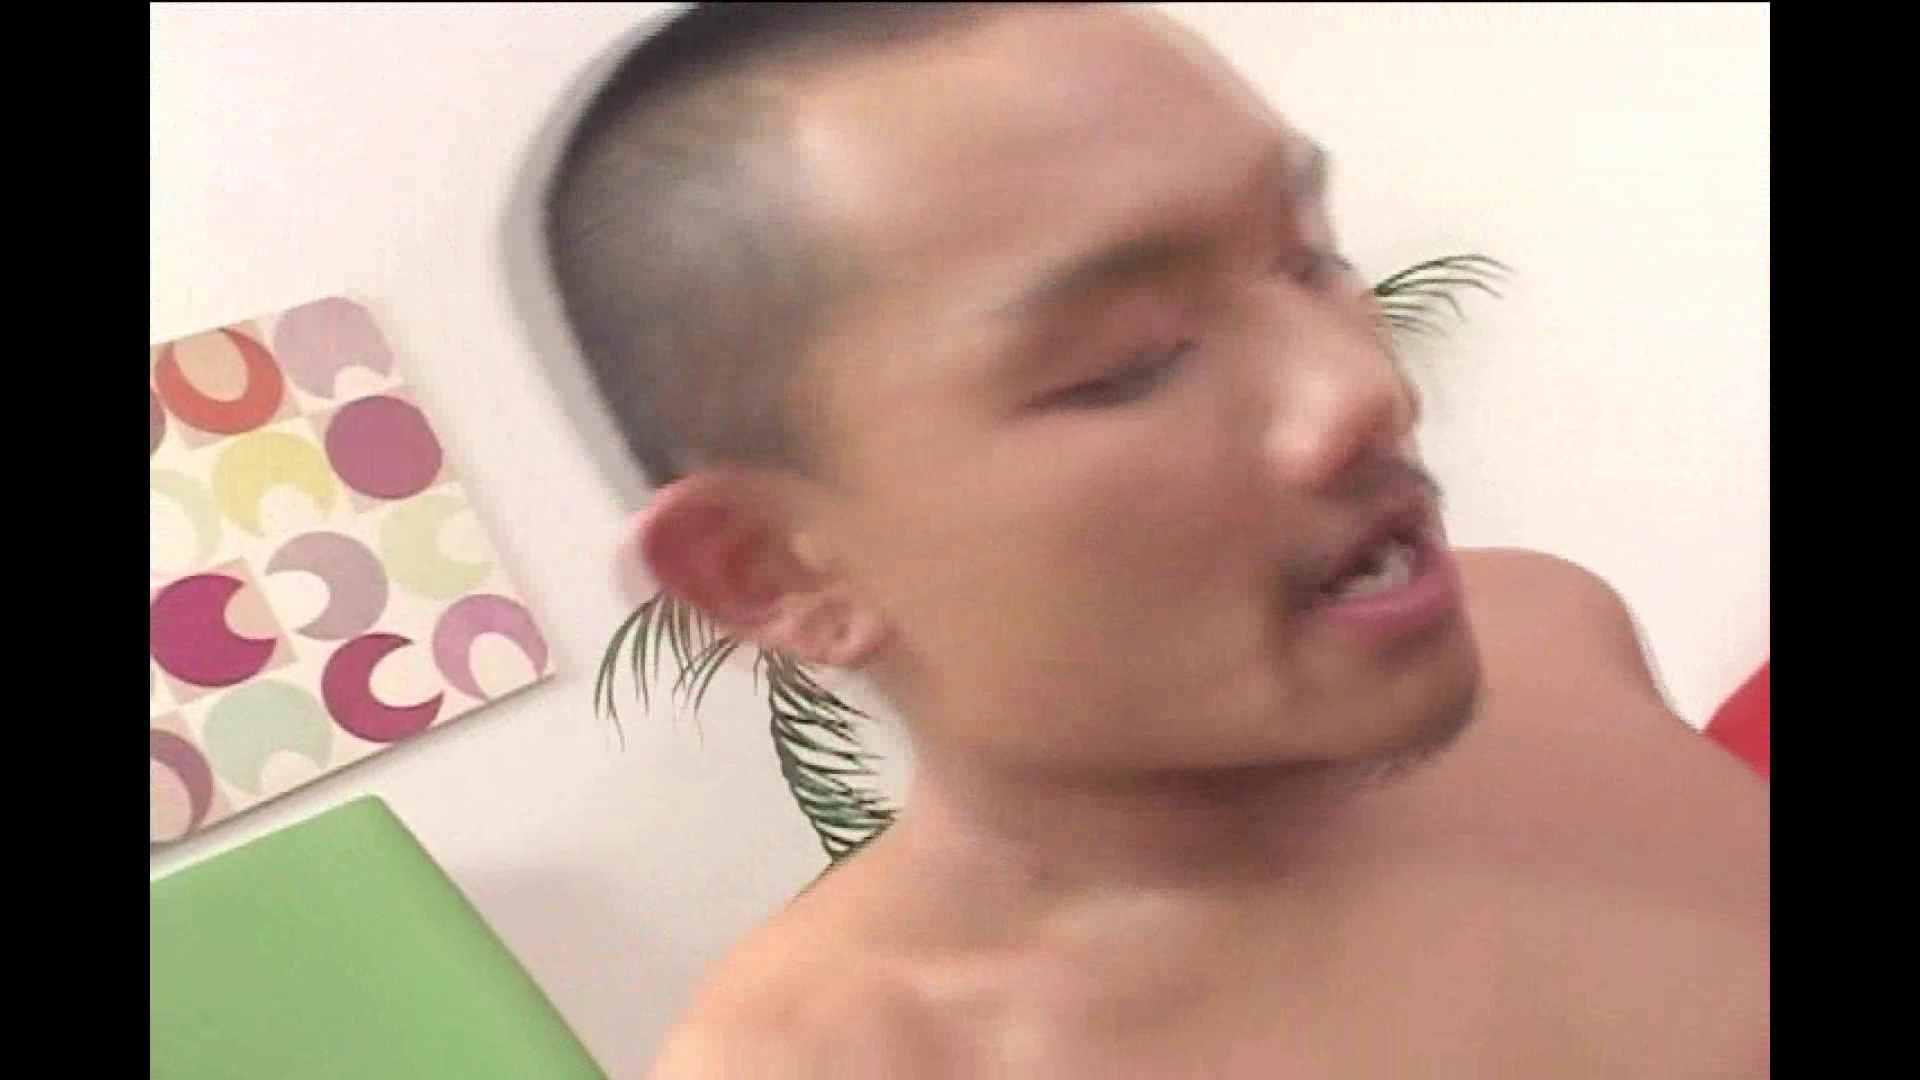 ヤリヤリ野郎共倶楽部vol.23後編 エロエロ動画  97枚 48